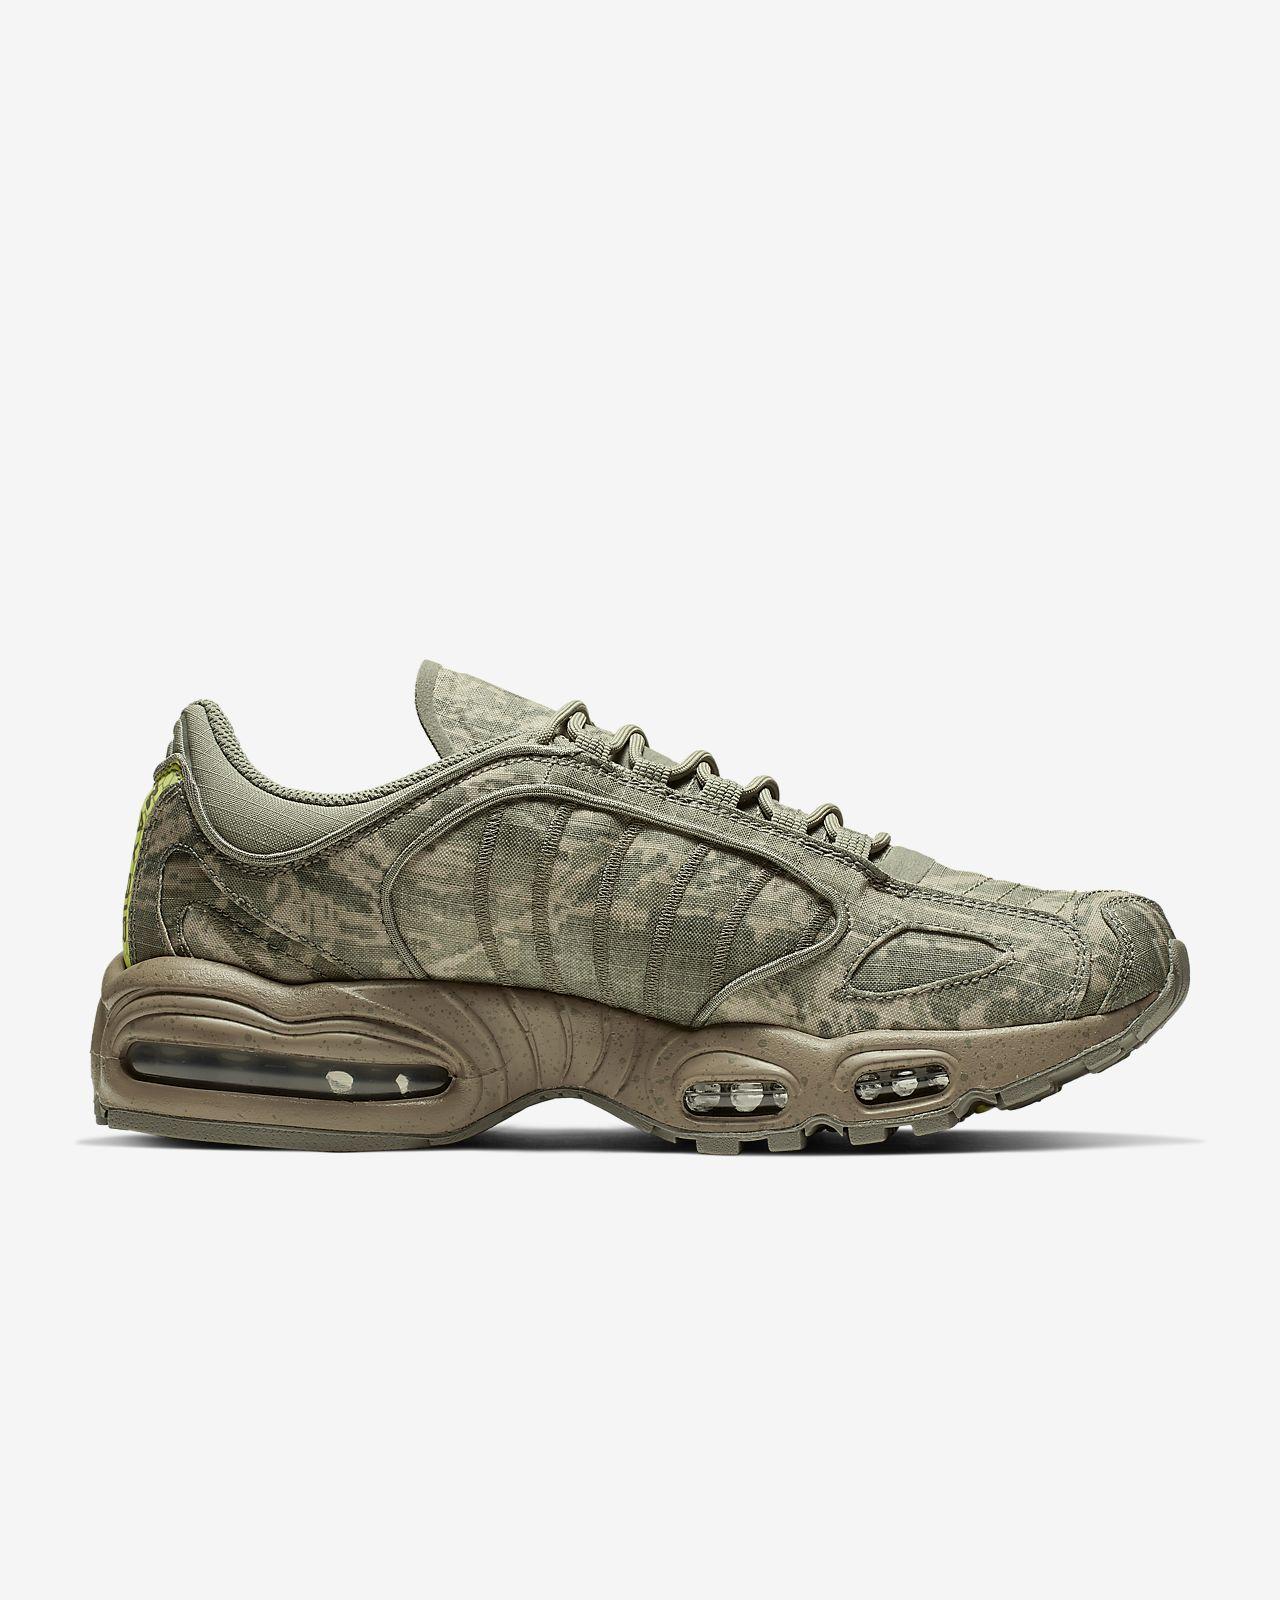 7498d9b9d465b5 Nike Air Max Tailwind IV SP Men's Shoe. Nike.com